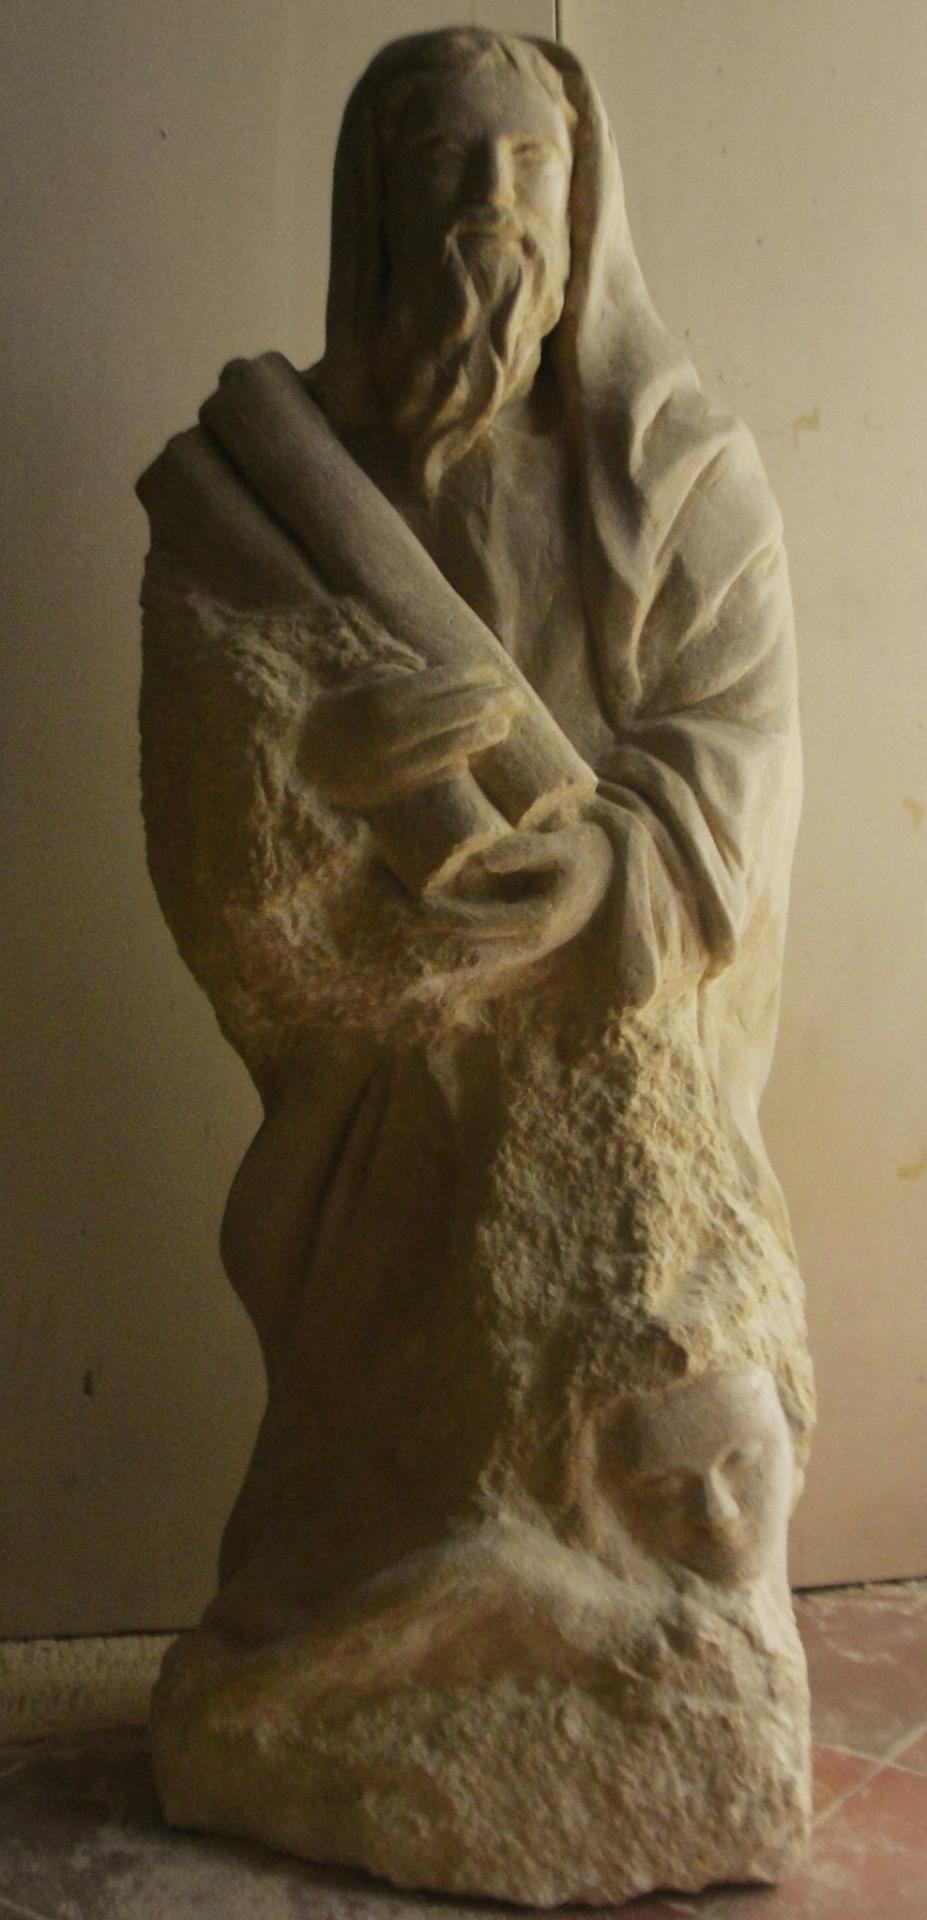 St matthieu sculpture en pierre 1 2m 47